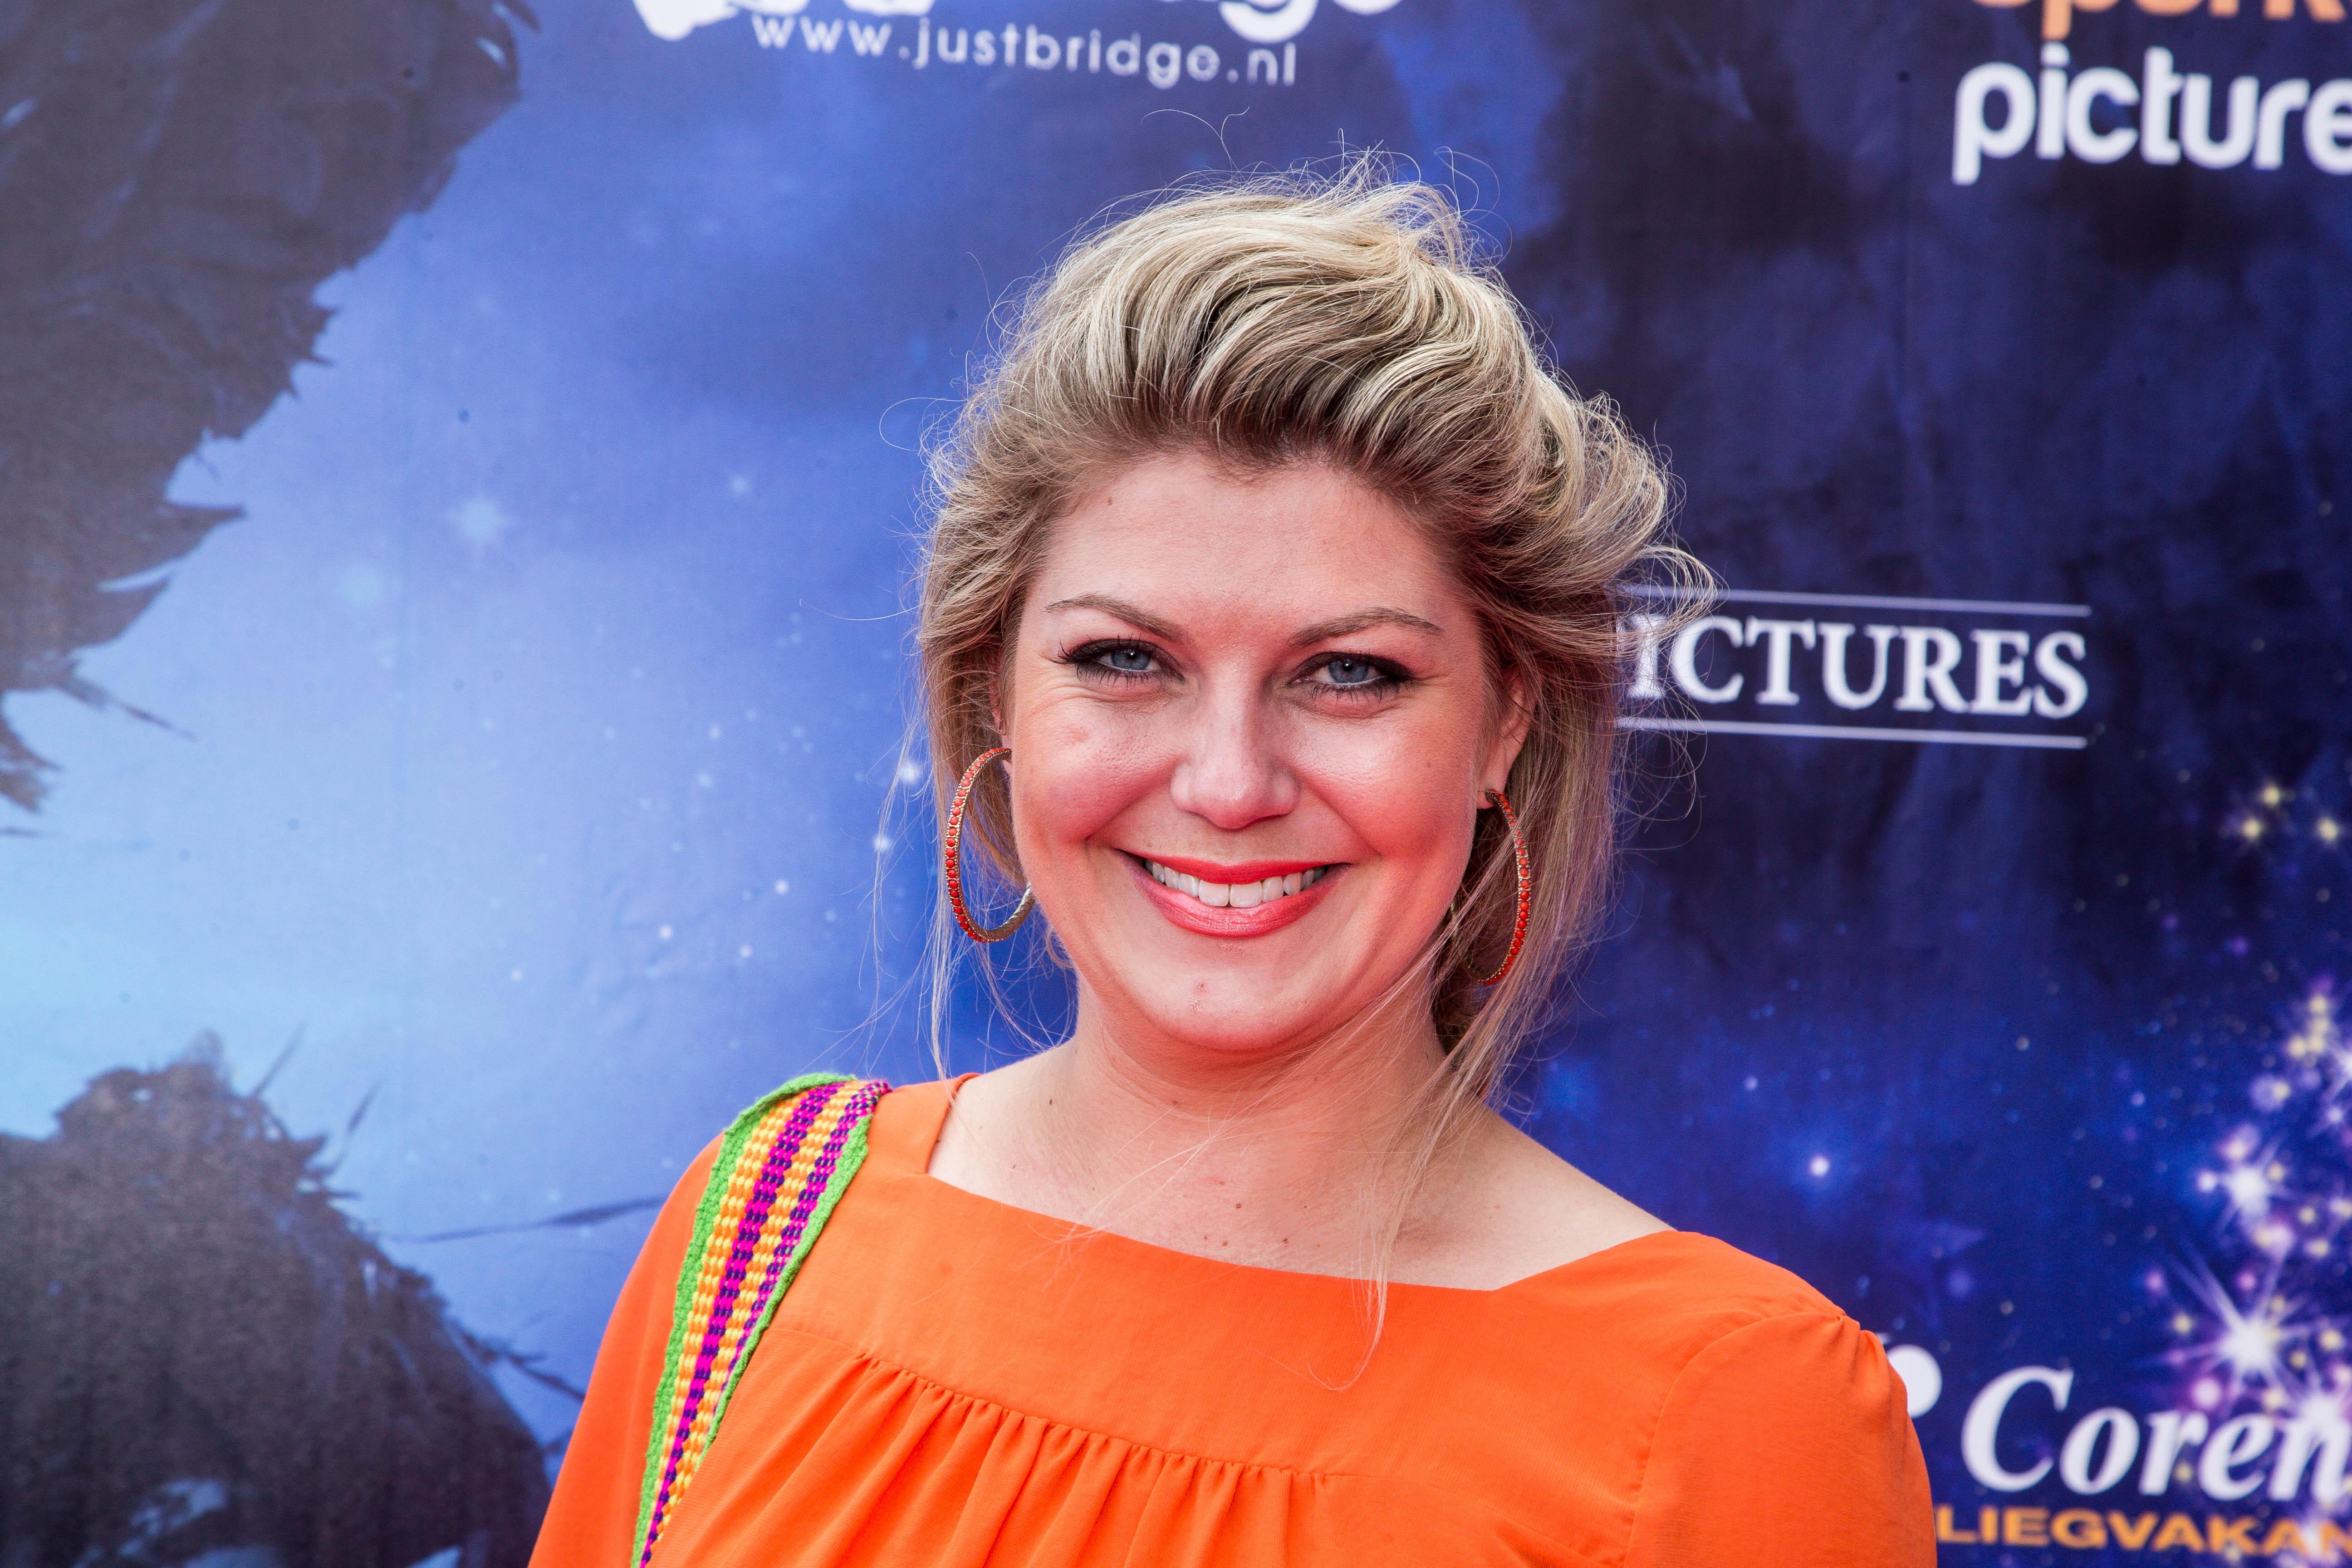 'Gooisch Meisje' Pauline Wingelaar is zwanger